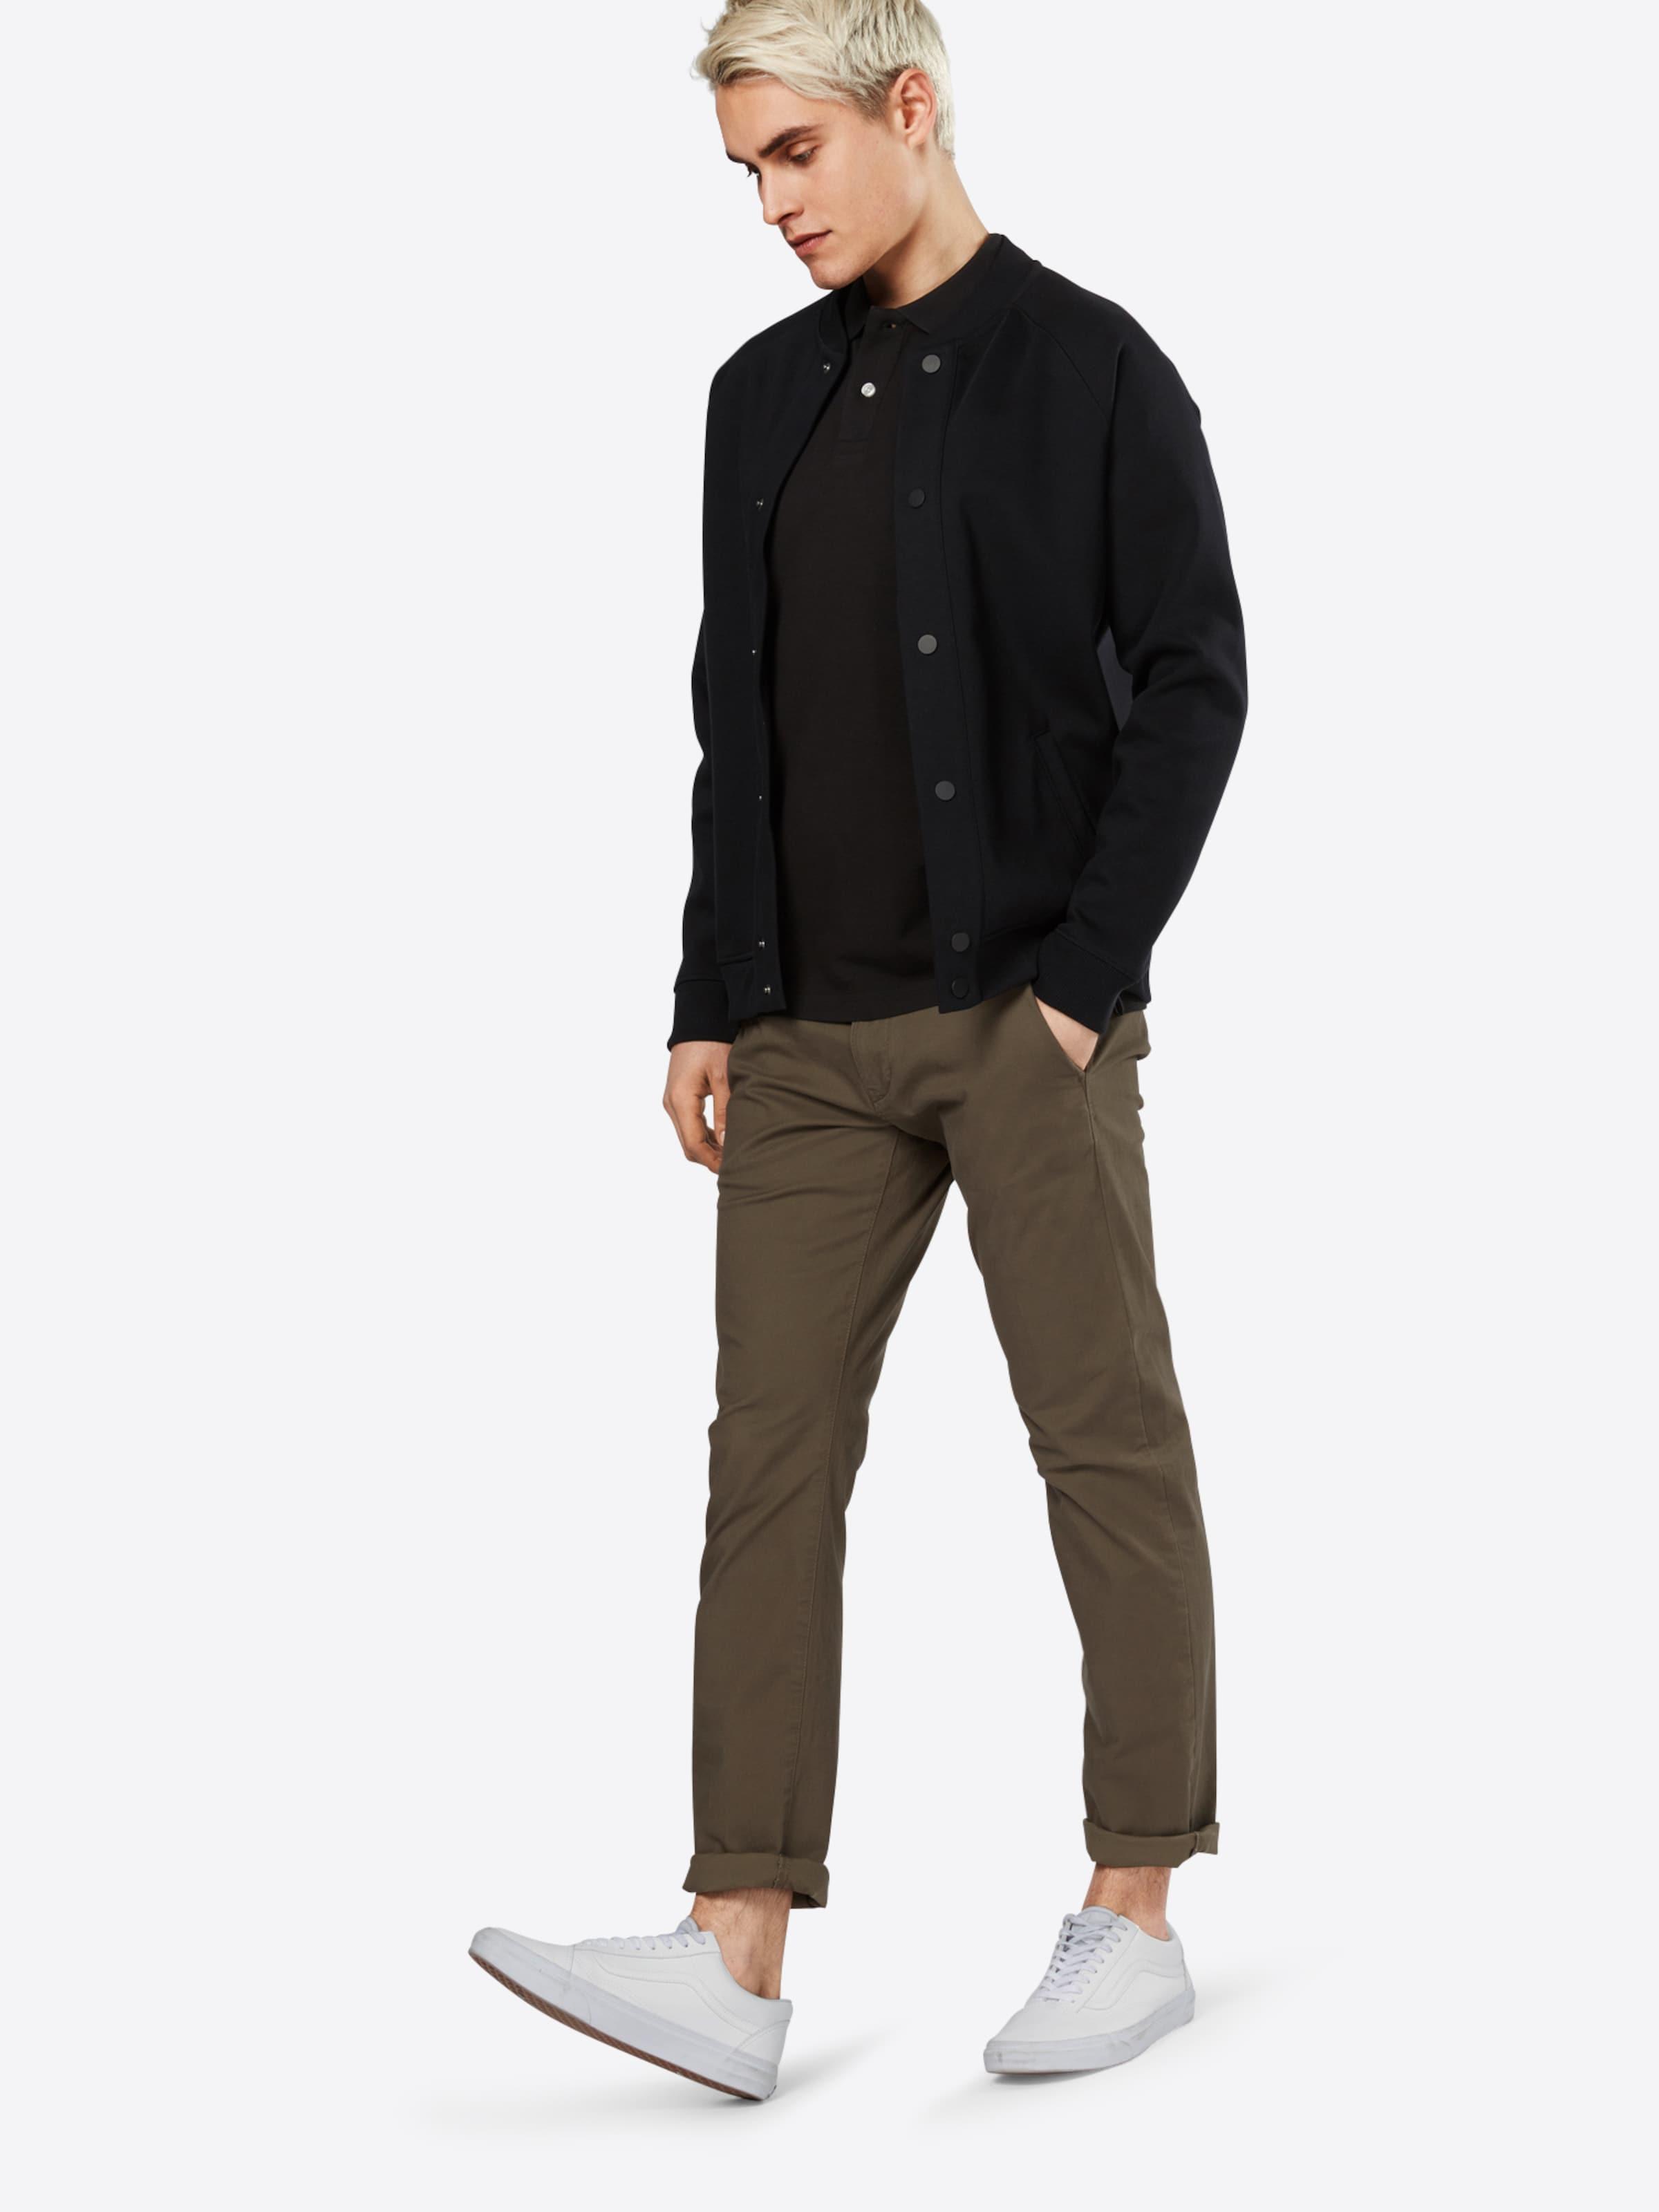 Rabatt Wirklich ESPRIT Poloshirt 'OCS N po co piq' Verkaufen Kaufen TYvPD09jn